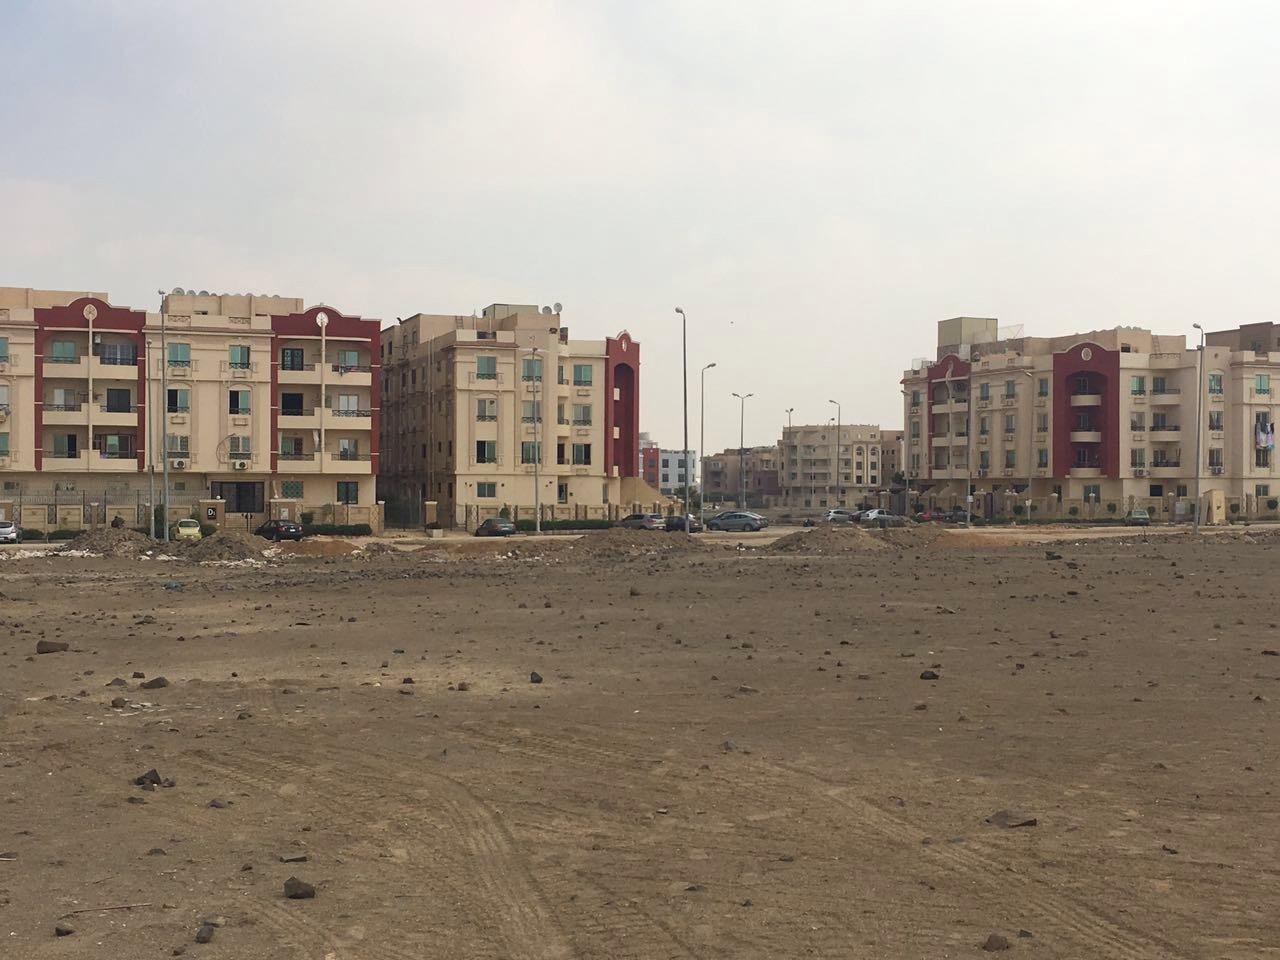 اراضي للبيع حصريه ومساحات للبيع في مدينة الشيخ زايد